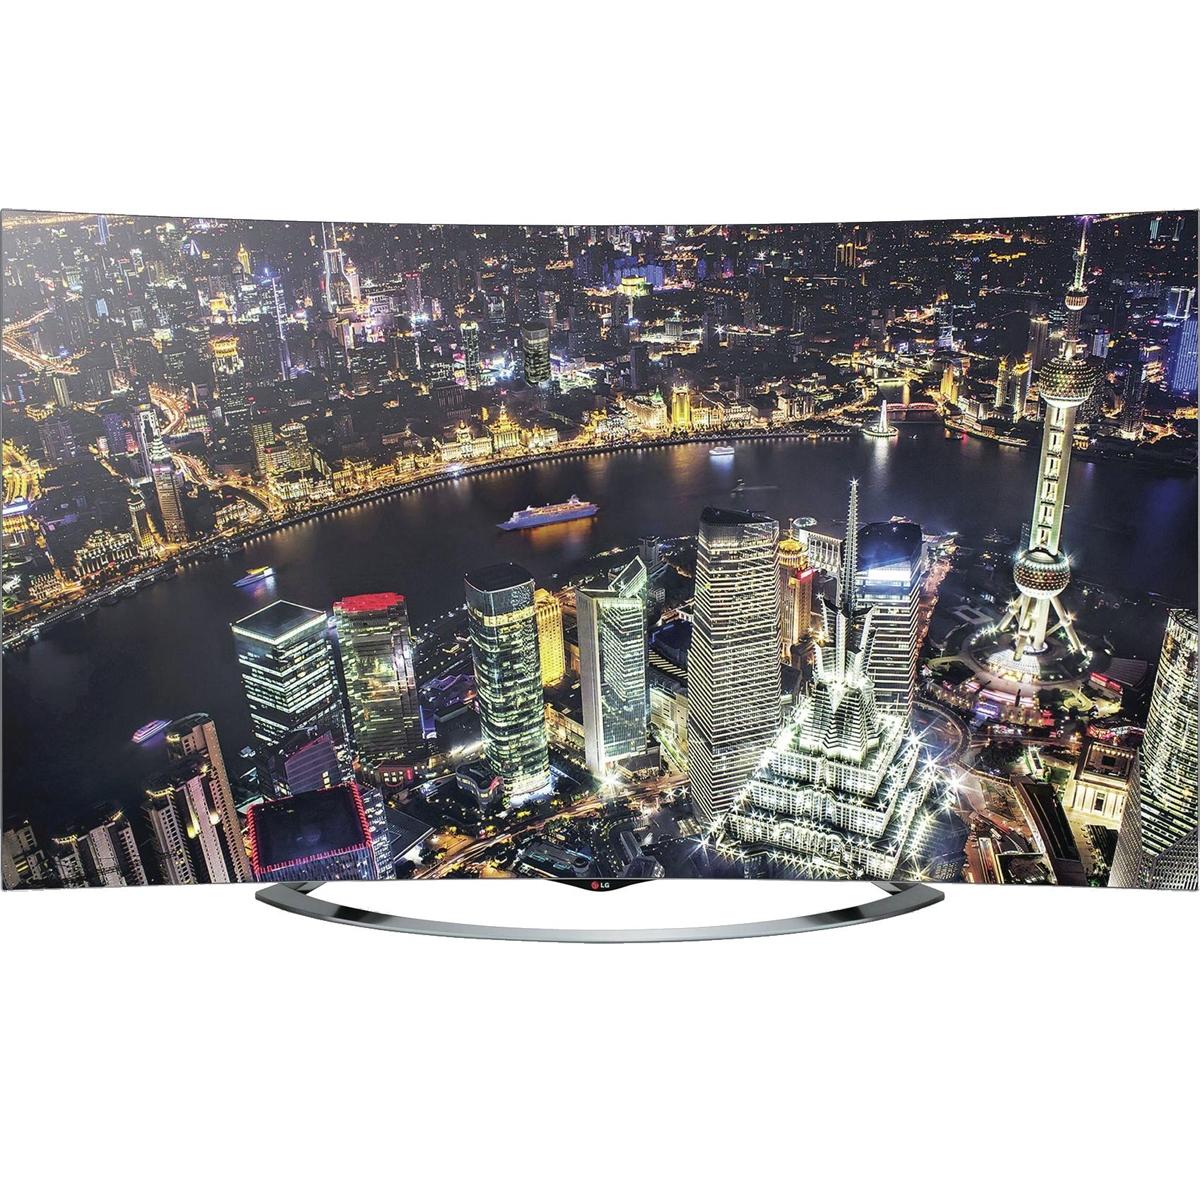 LG 65inch 9700 Series OLED 4K Ultra HDTV - 65EC9700